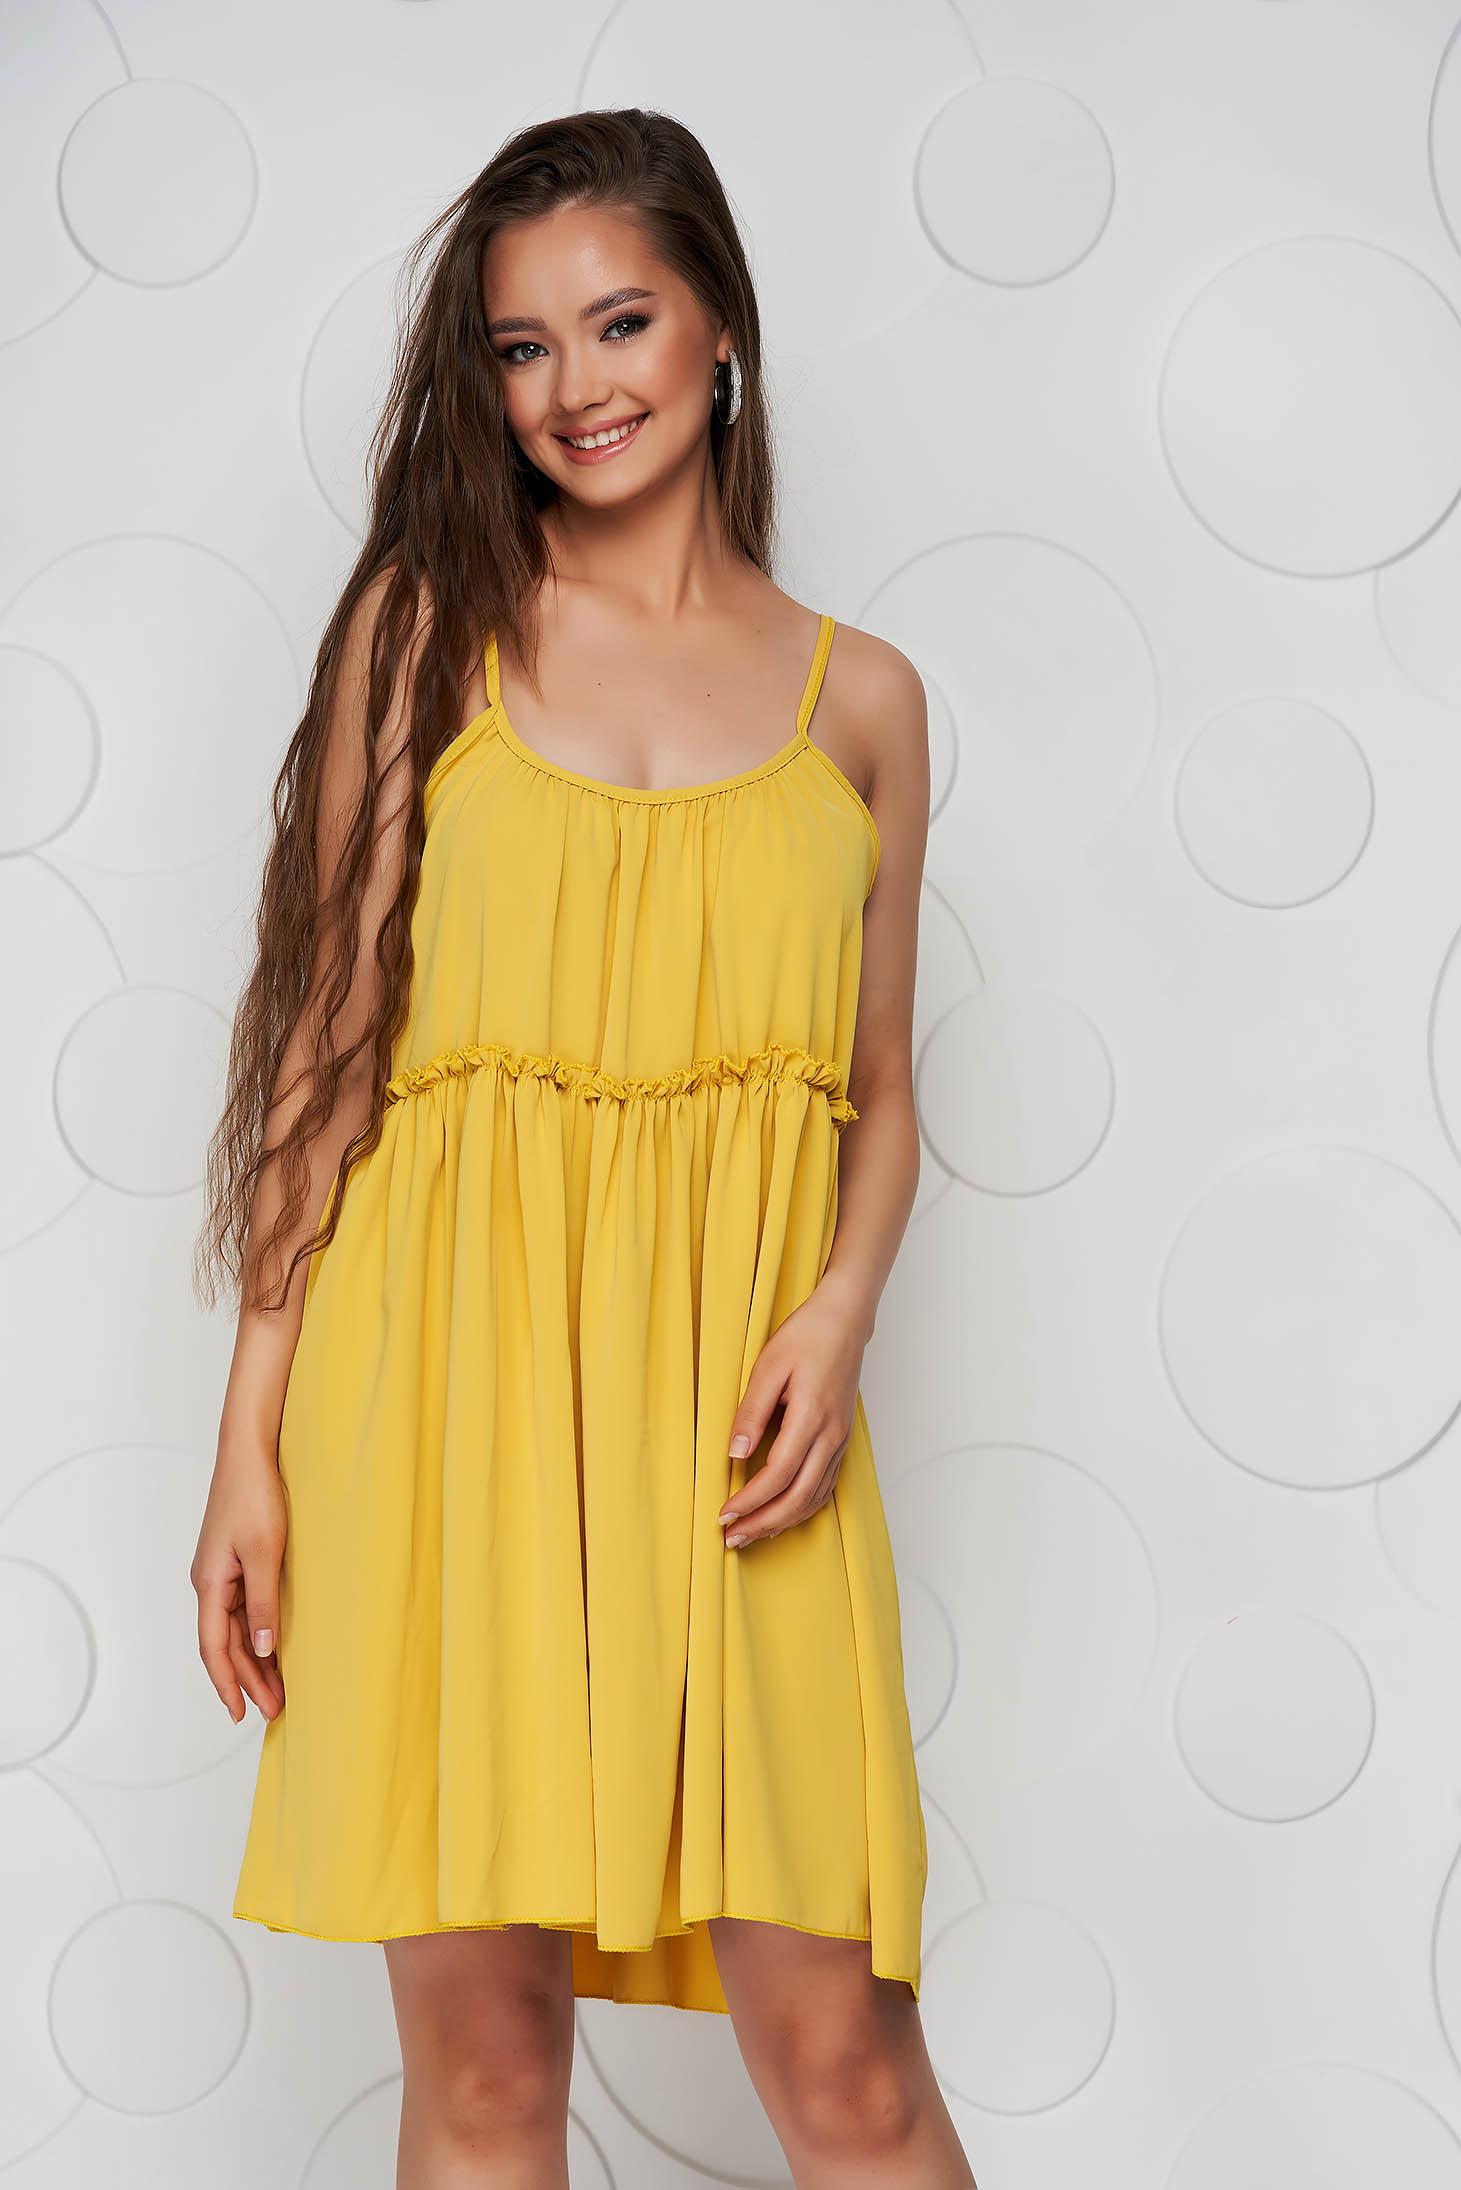 Mustársárga ruha vékony anyag bő szabású pántos kerekített dekoltázssal vékony anyagból